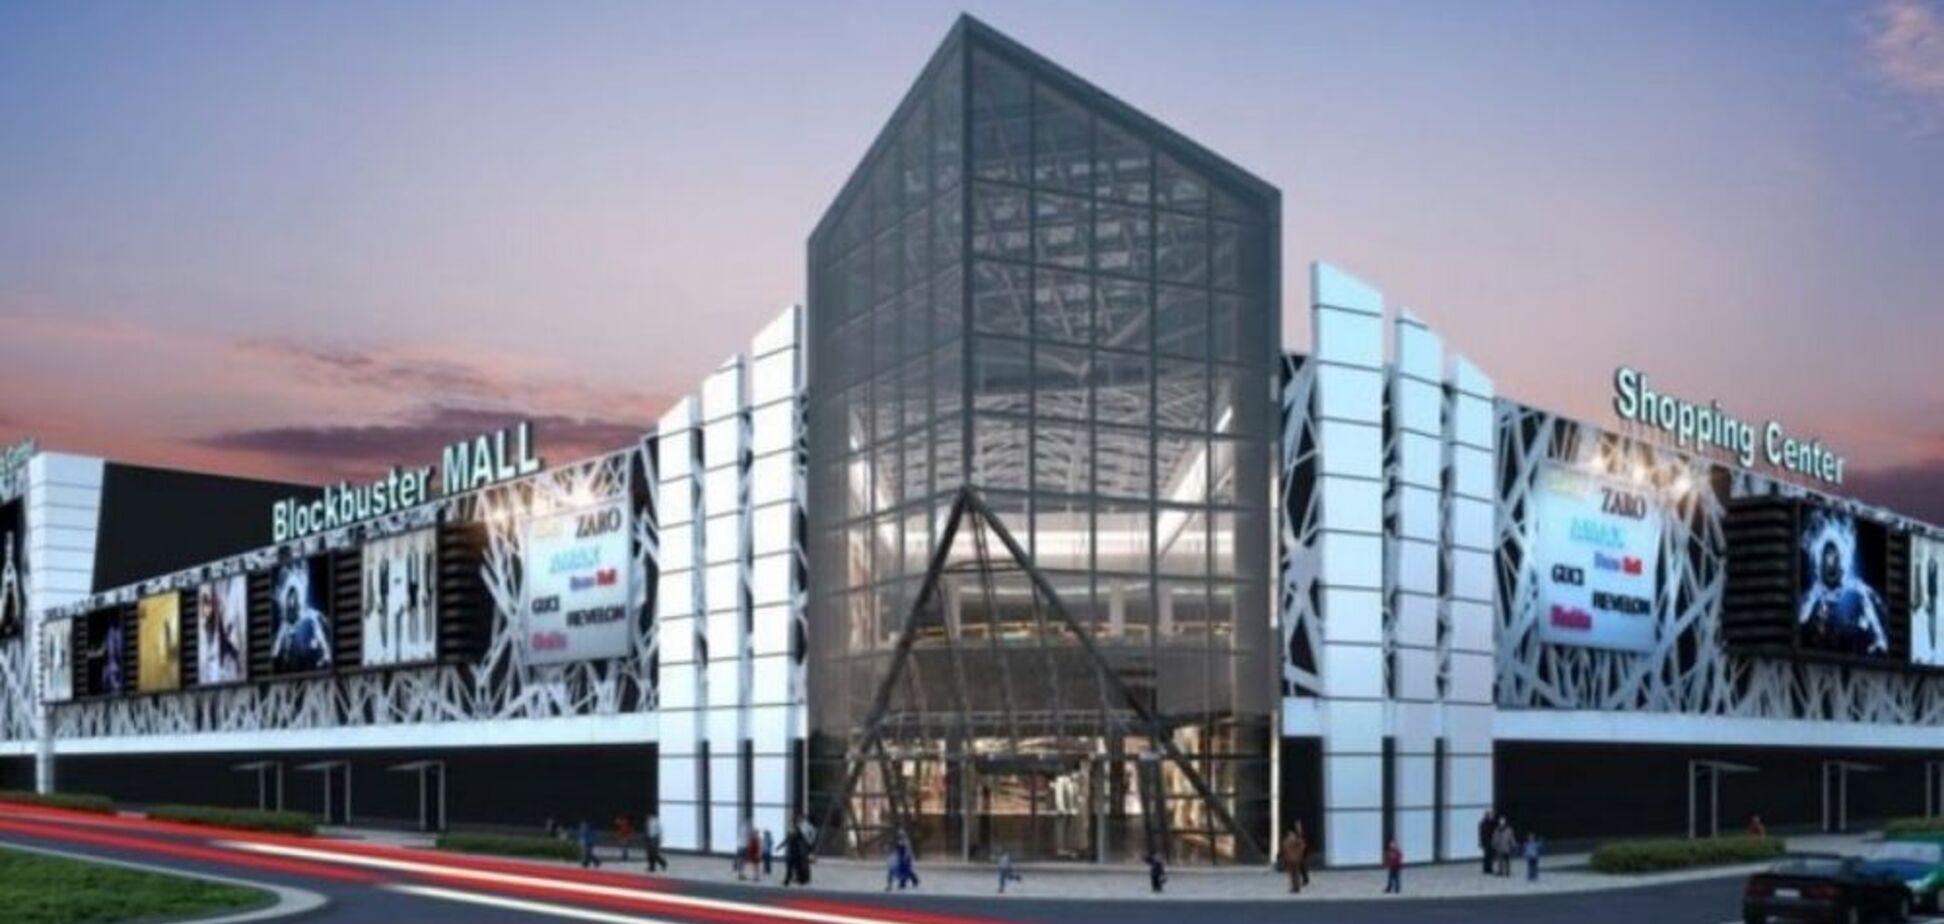 У Києві в цьому році відкриють ТРЦ Blockbuster Mall